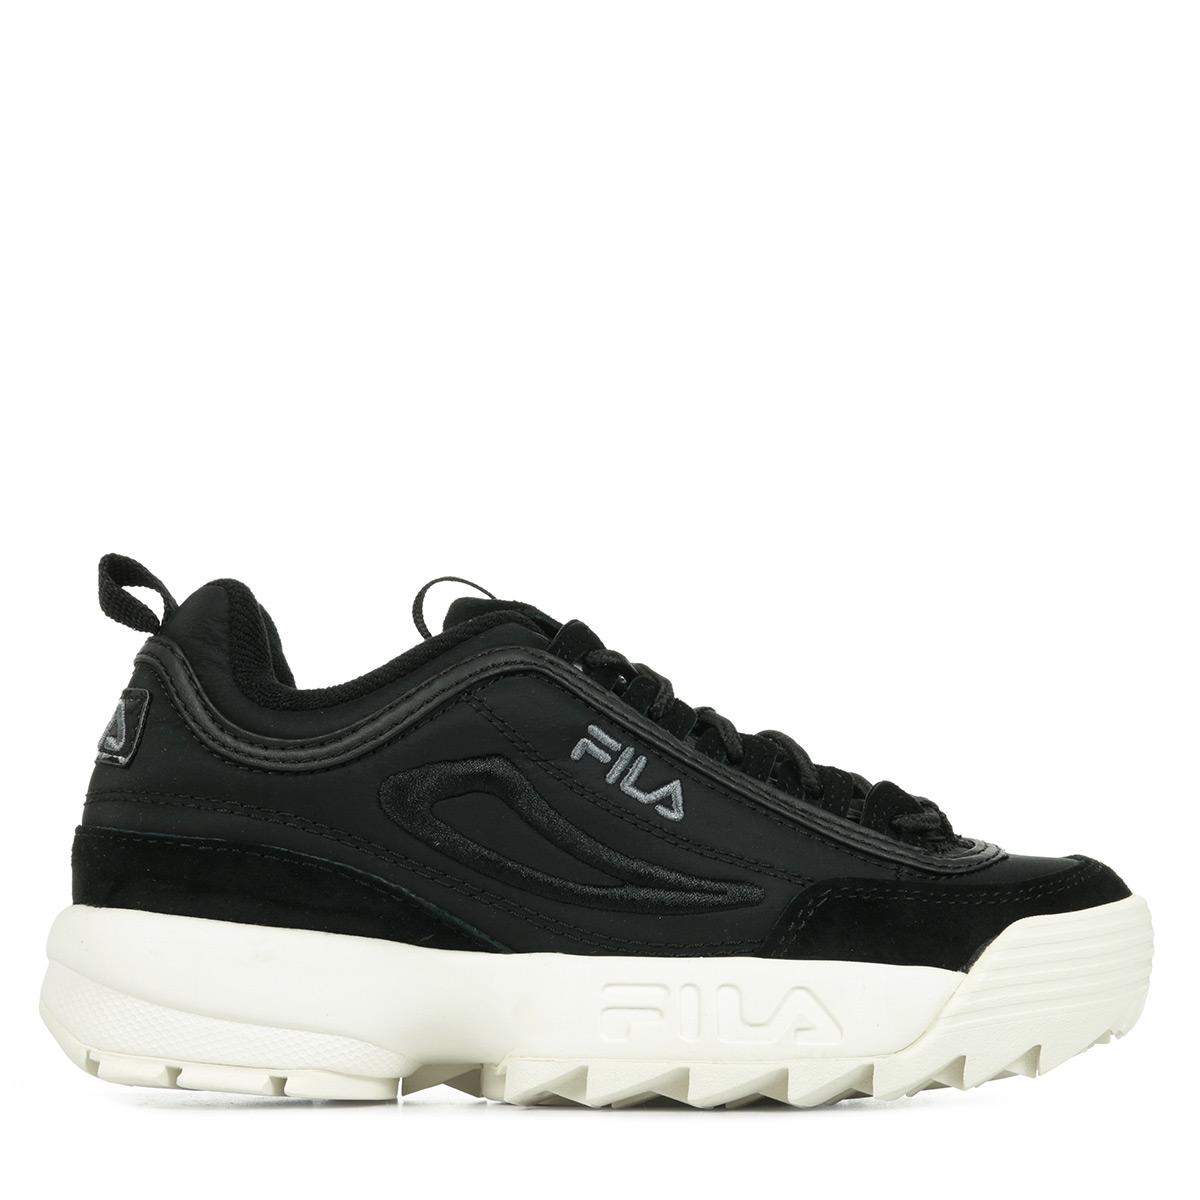 Détails sur Chaussures Baskets Fila femme Disruptor Satin Low Wn's taille Noir Noire